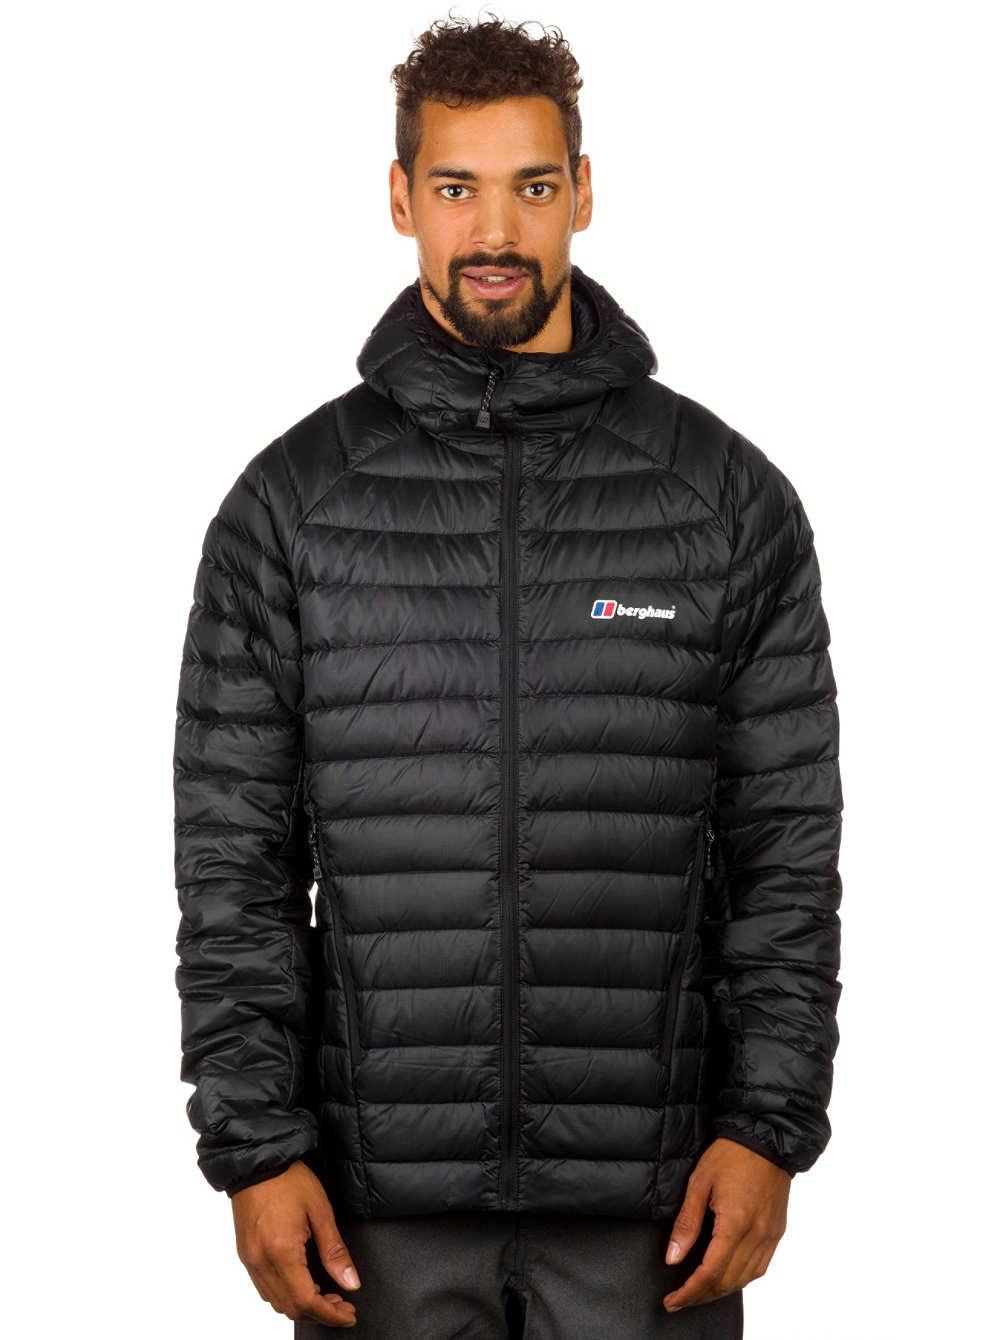 Herren Snowboard Jacke Berghaus Furnace Hoodie Down Jacket jetzt kaufen